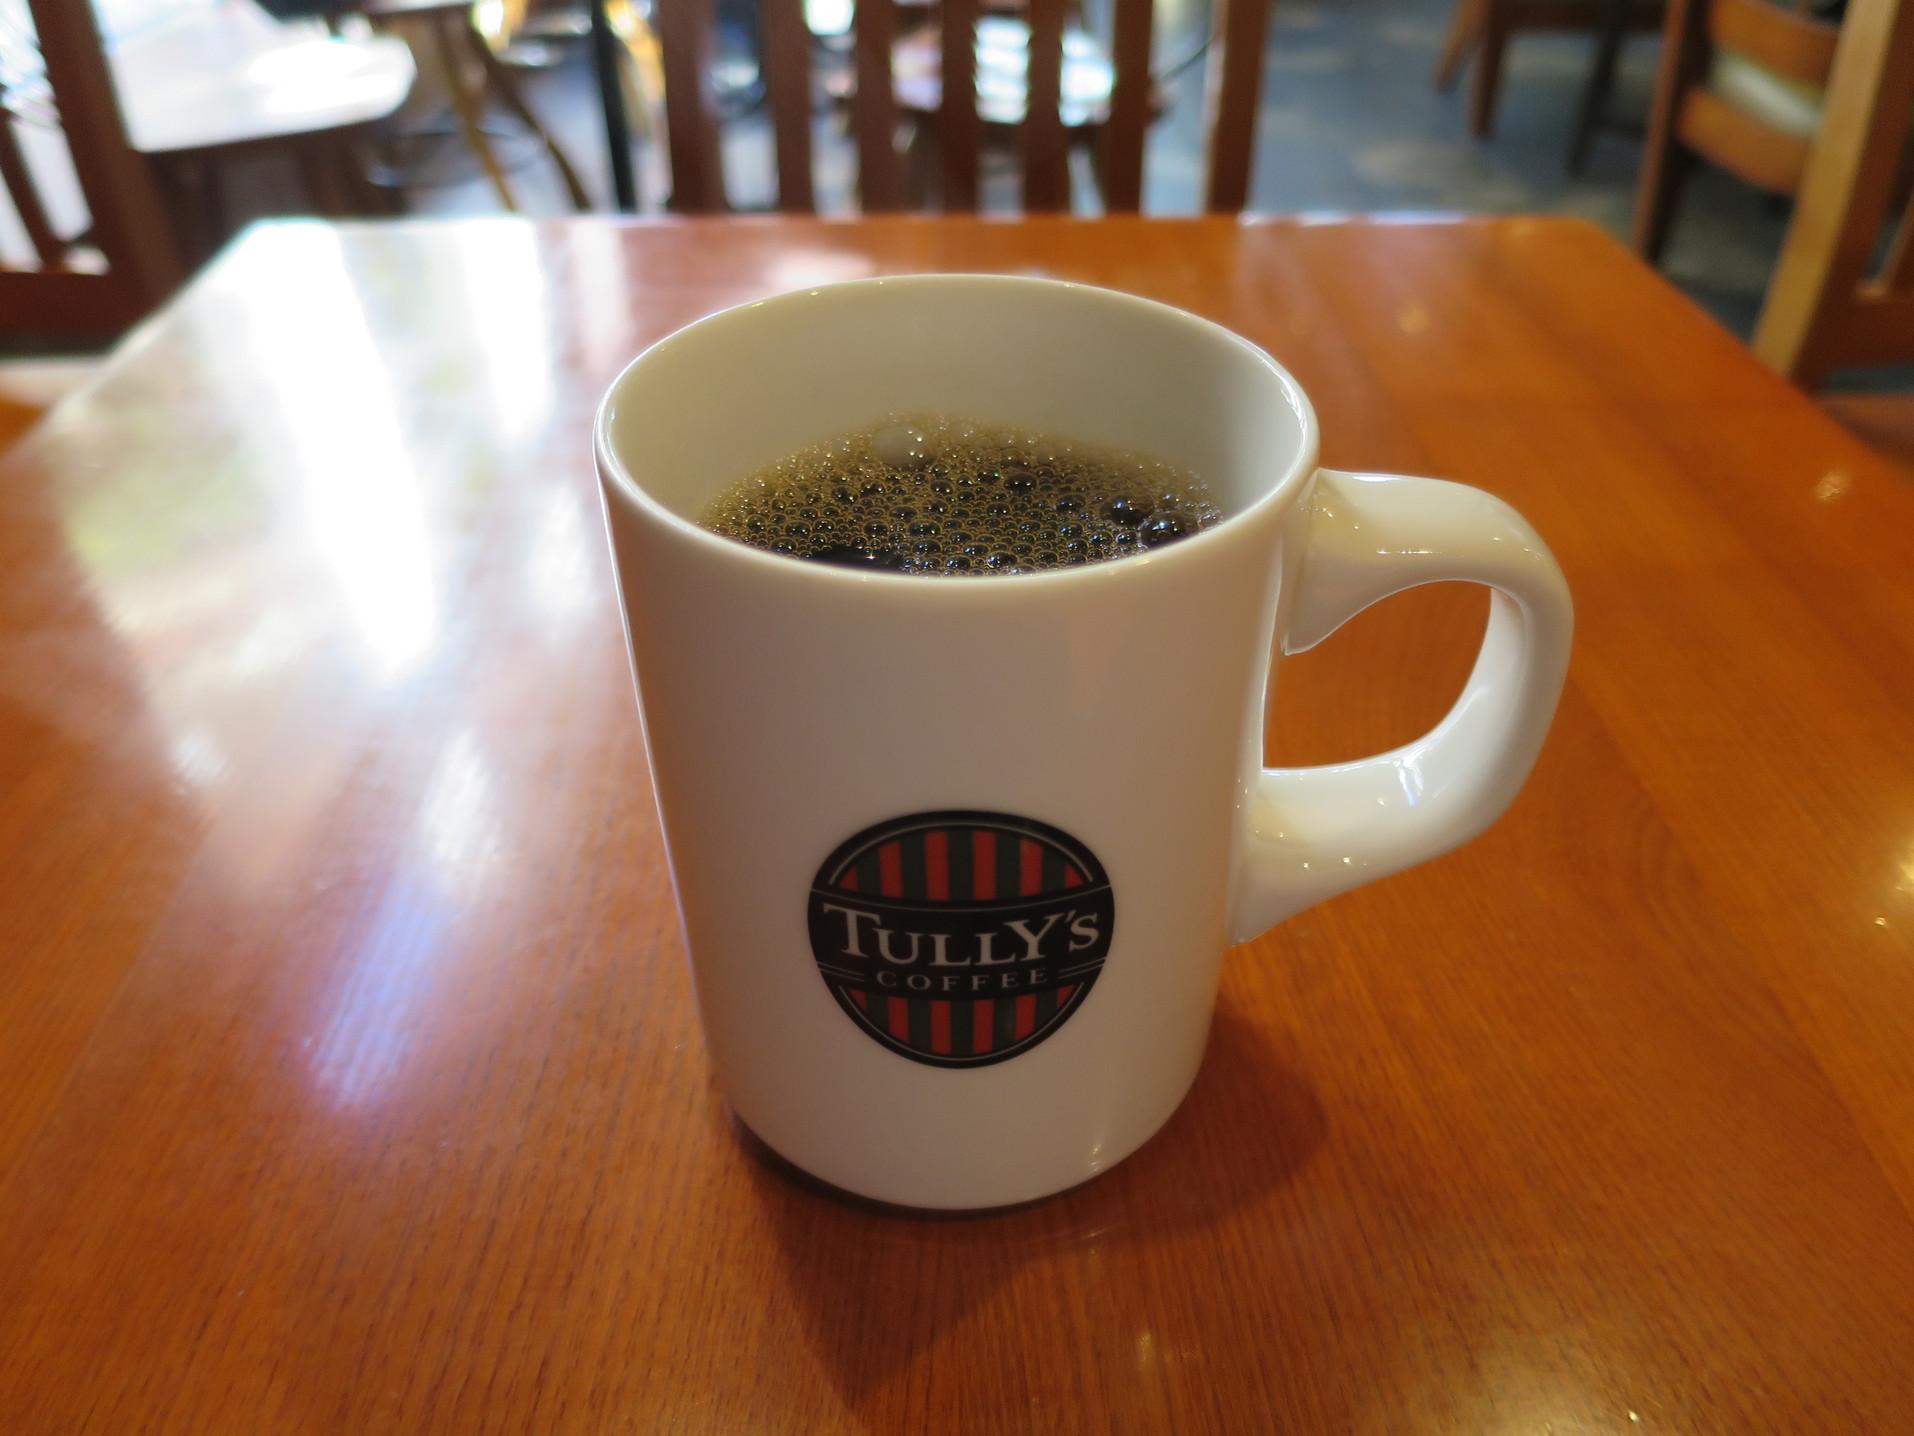 タリーズコーヒー 新川崎三井ビル店